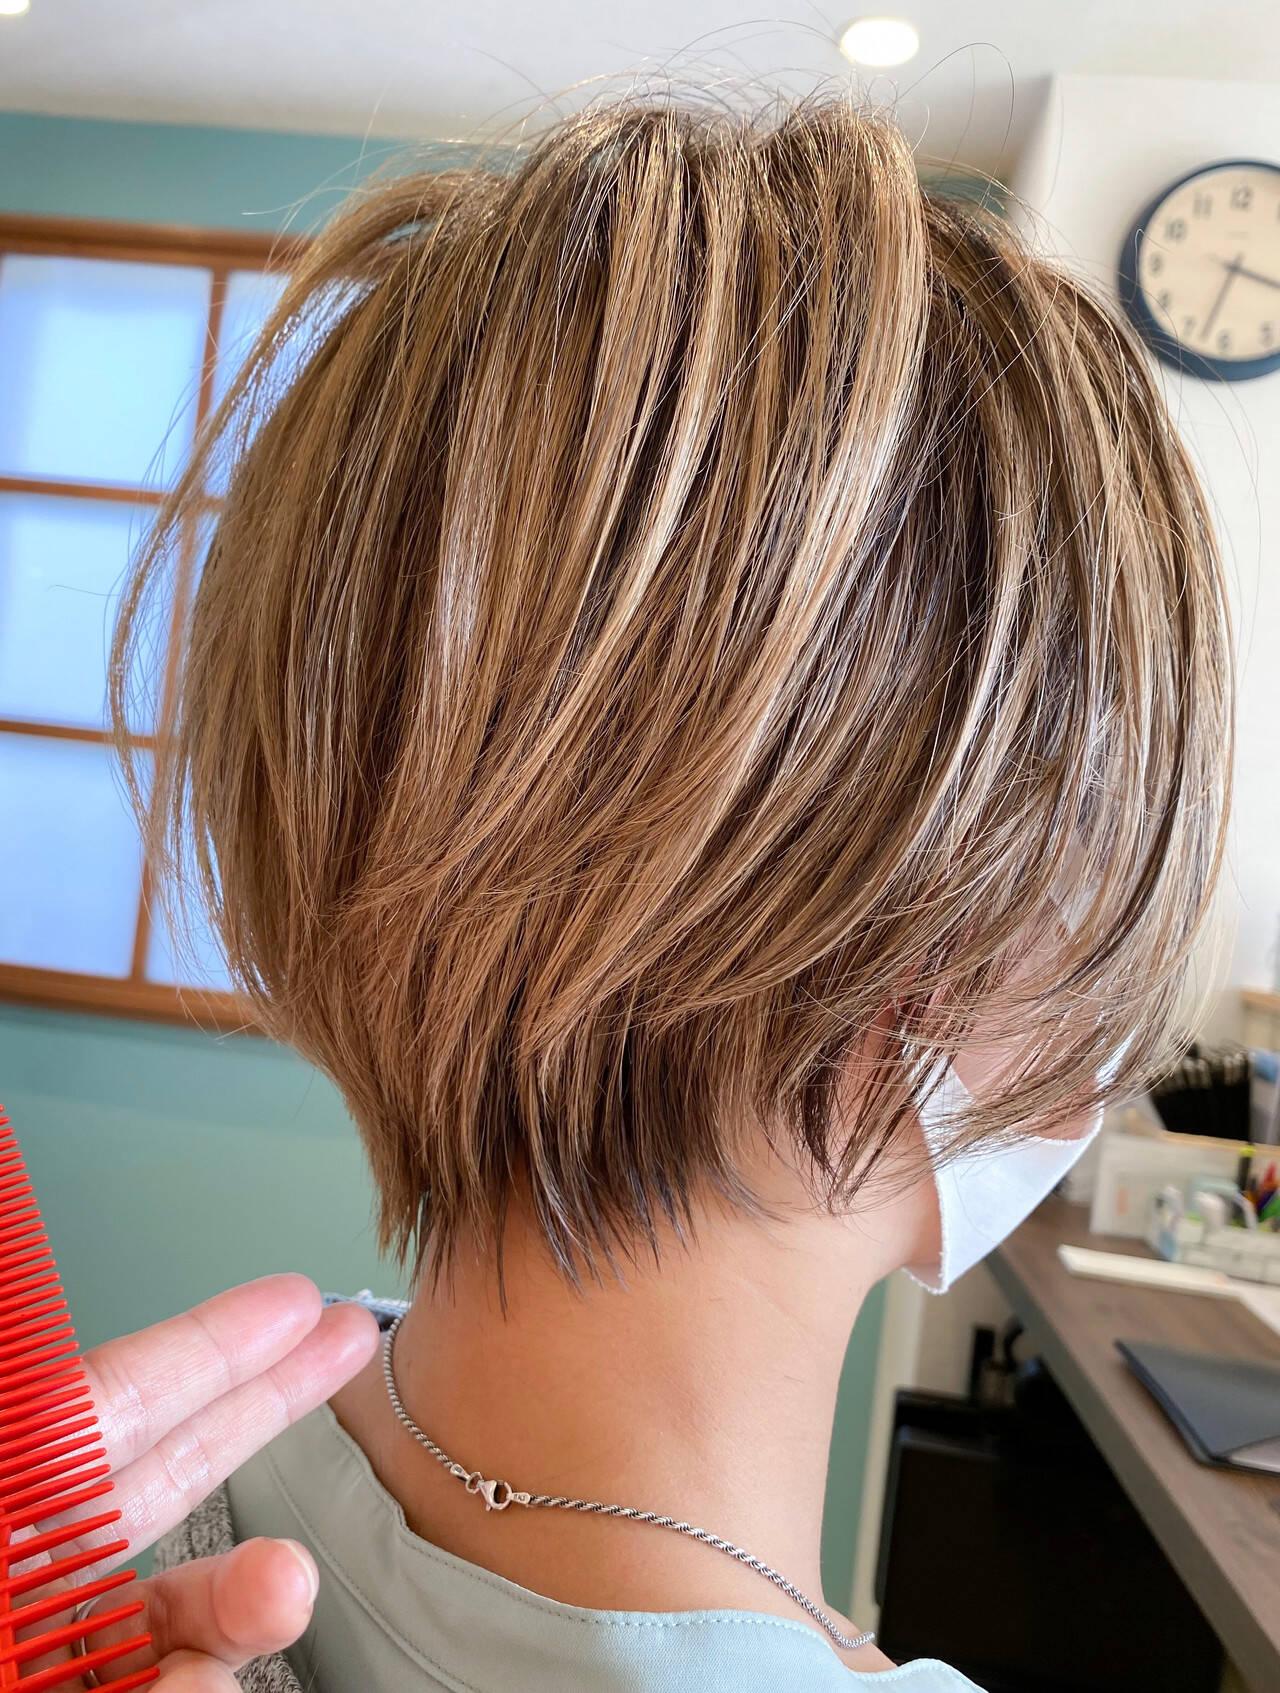 丸みショート ショートヘア ショート ナチュラルヘアスタイルや髪型の写真・画像